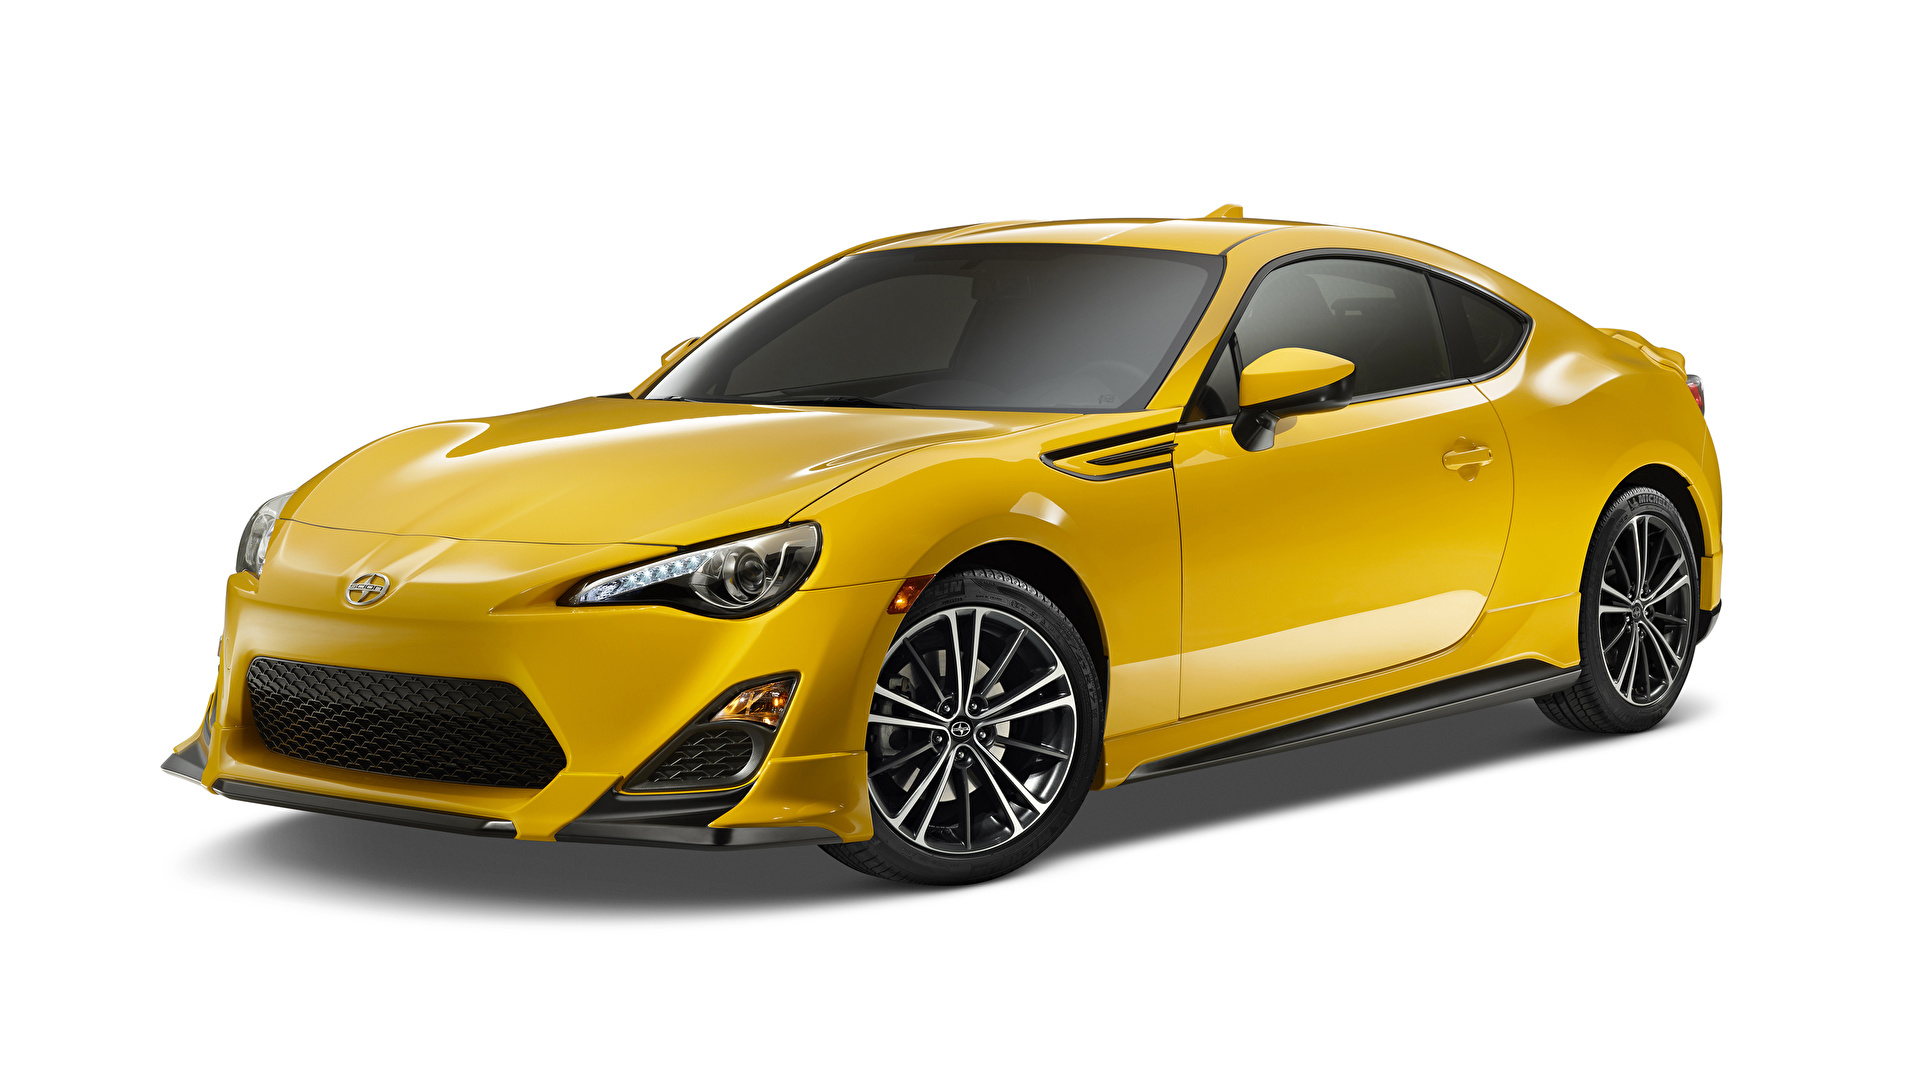 Фотография Scion 2014 FR-S Release Series 1.0 желтых машины Металлик 1920x1080 Скион Желтый желтые желтая авто машина автомобиль Автомобили